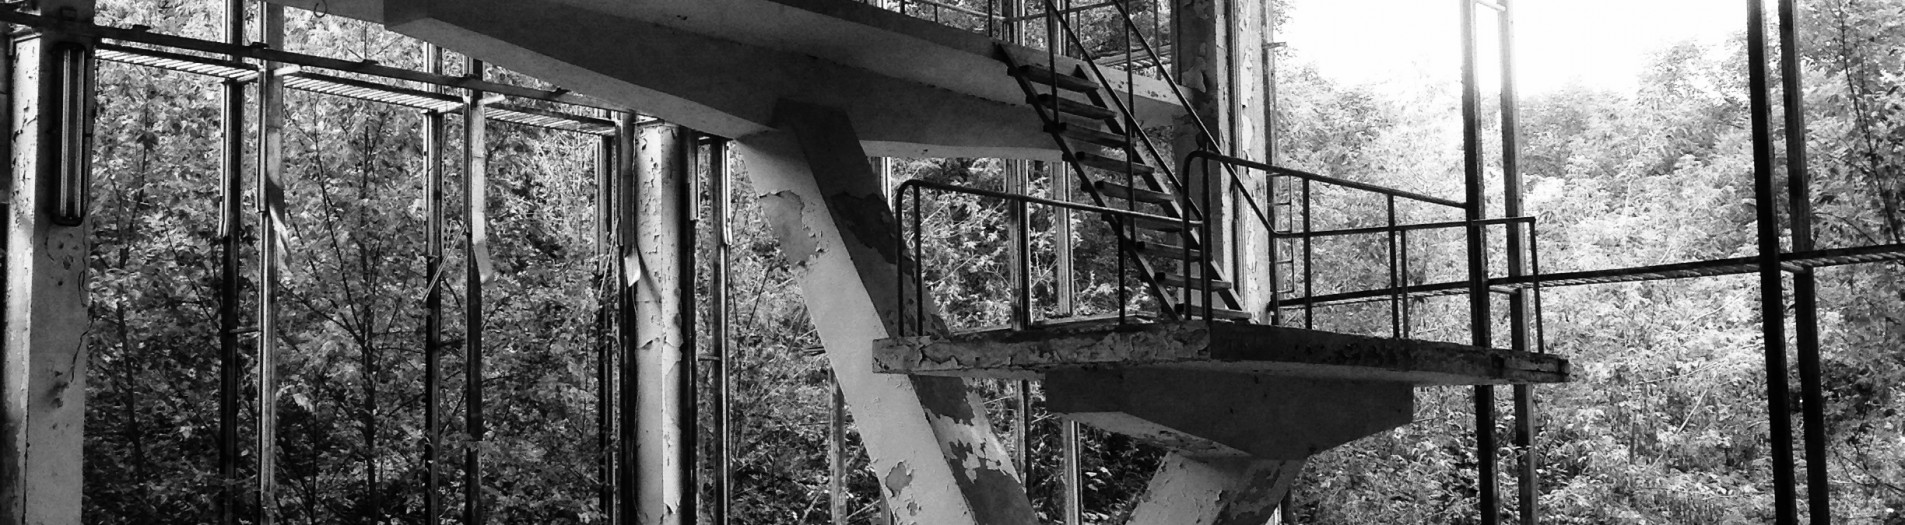 Chernobyl Series – Capítulo 16 – Día 3 – Piscina y máscaras de gas